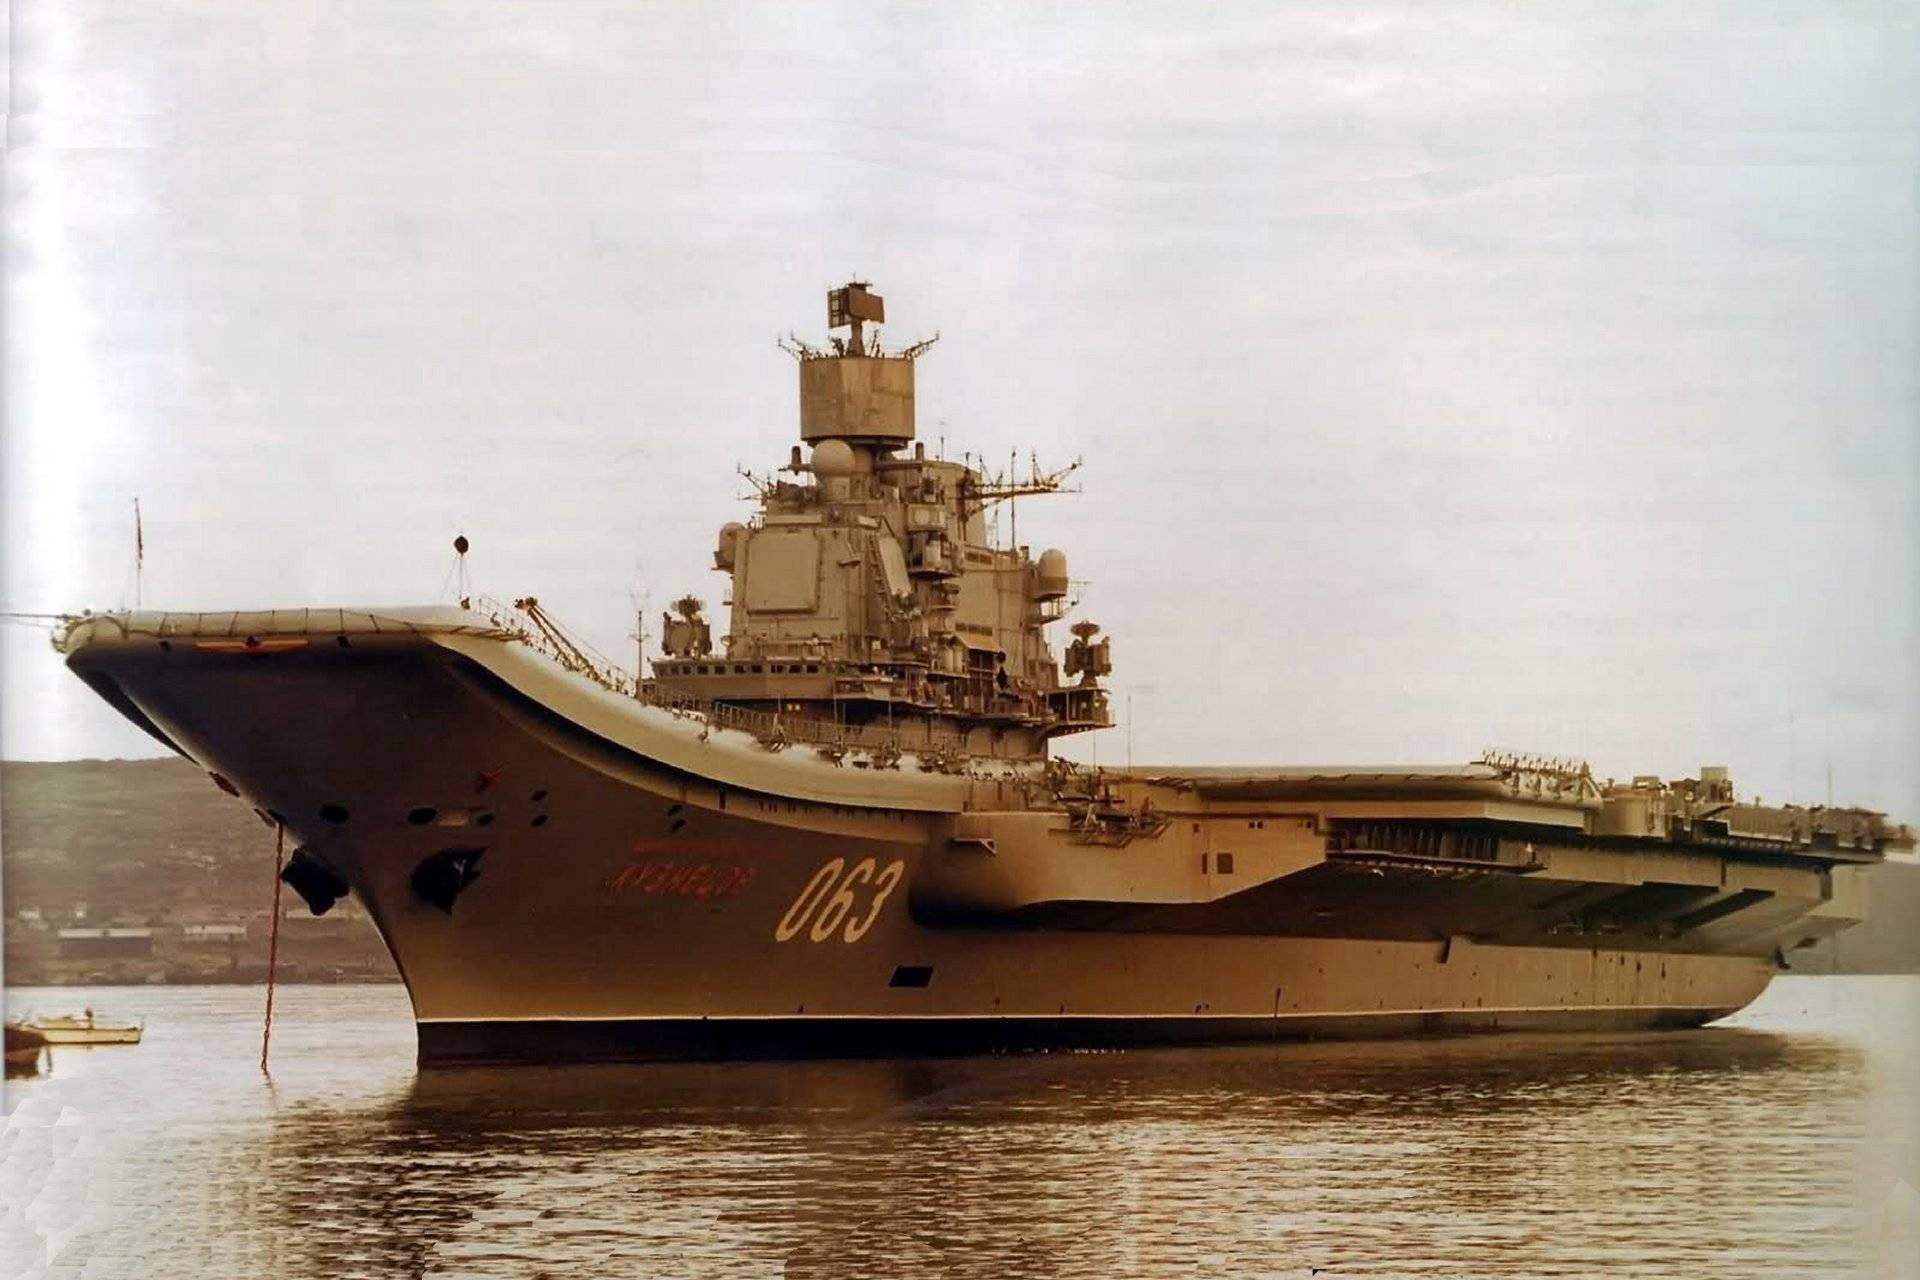 Тяжелый авианосный крейсер «адмирал советского союза кузнецов» пр. 1143.5